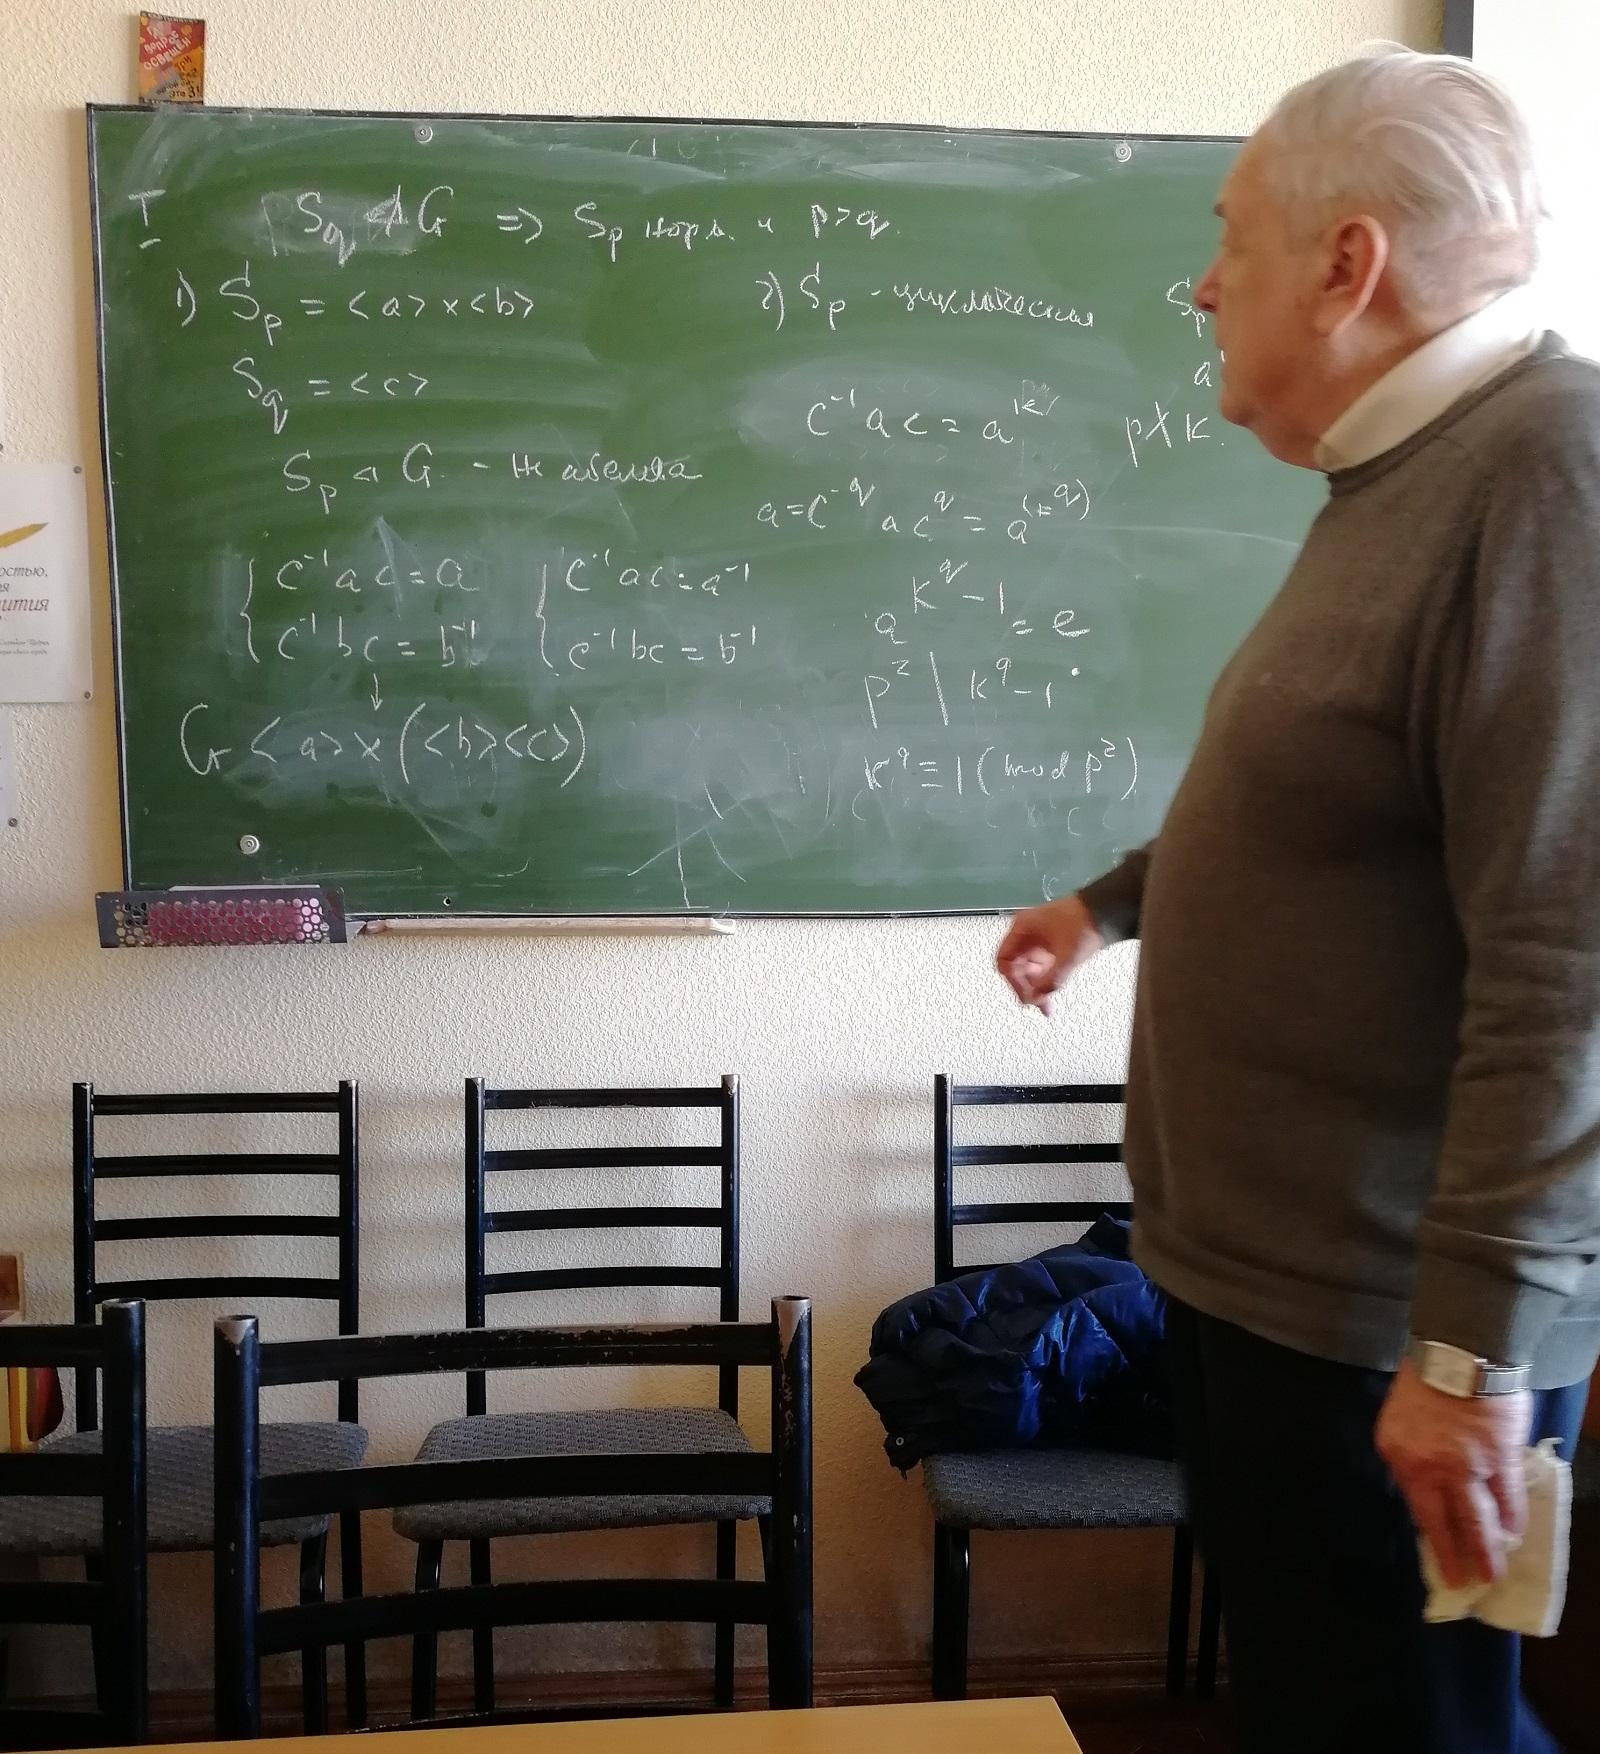 俄罗斯数学专业本科毕业需要学多少东西?插图13-小狮座俄罗斯留学